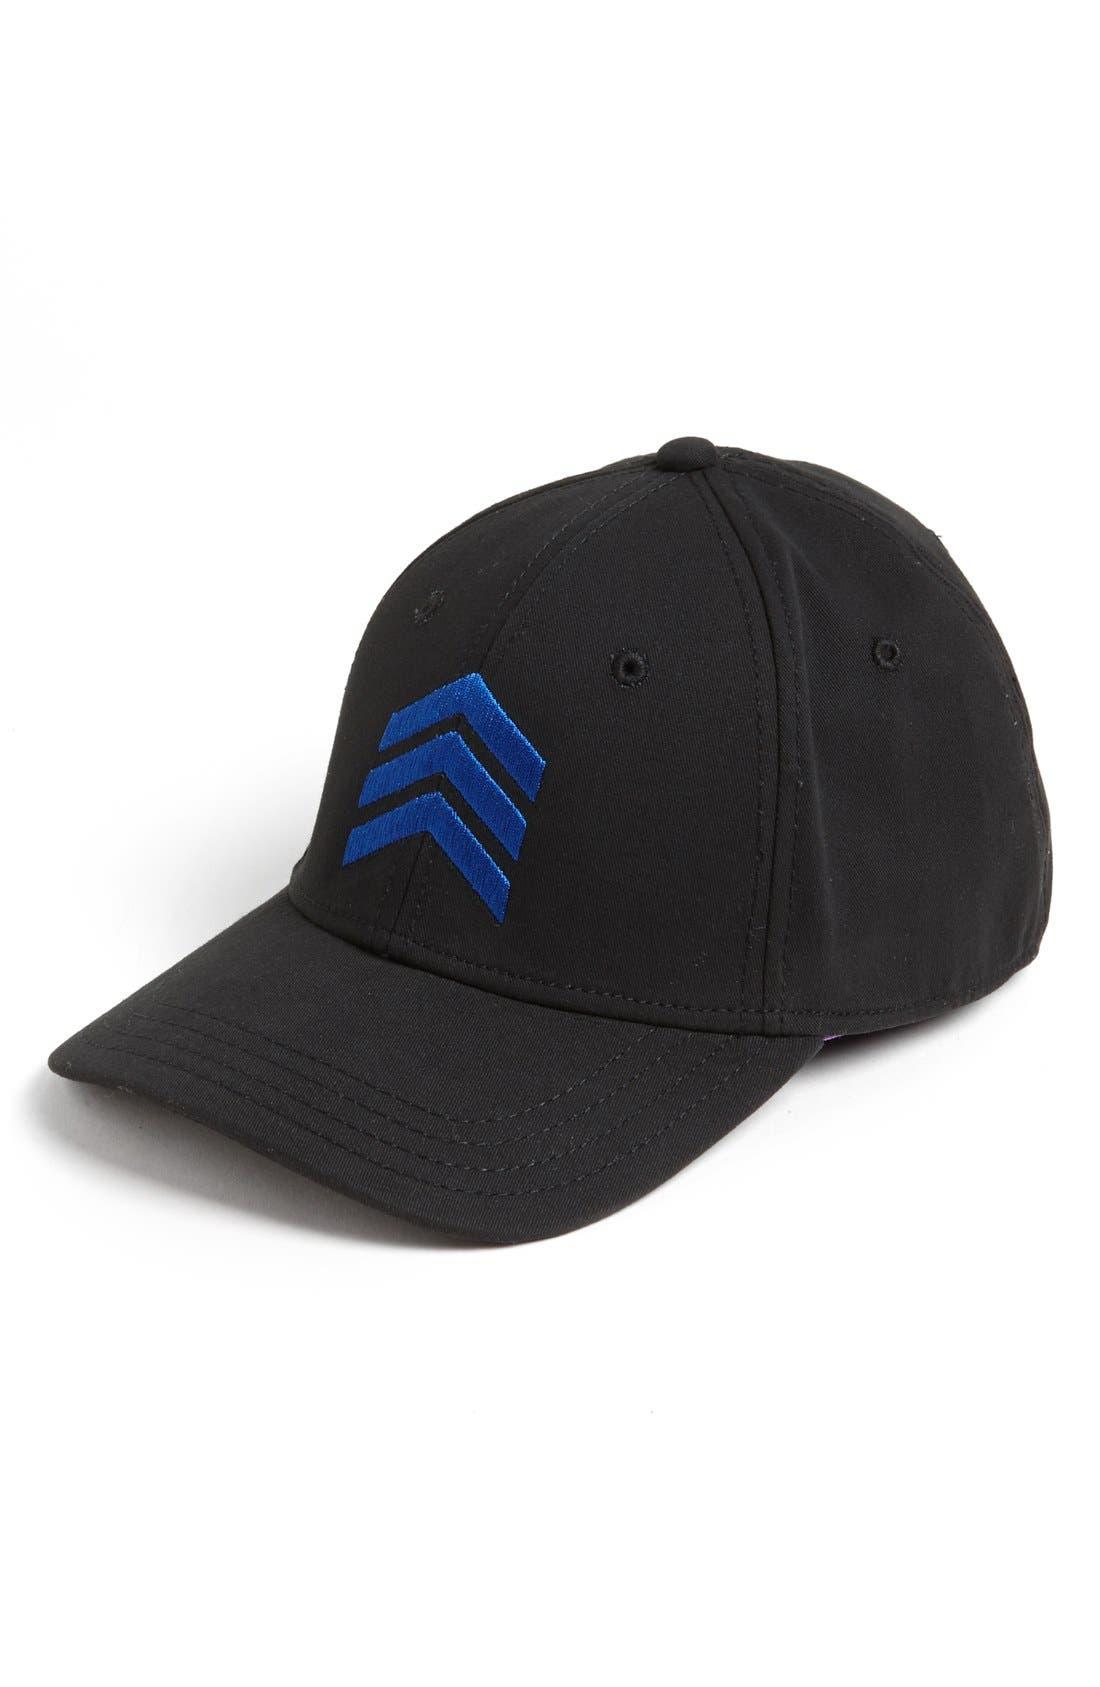 Main Image - Gents 'Forward' Baseball Cap